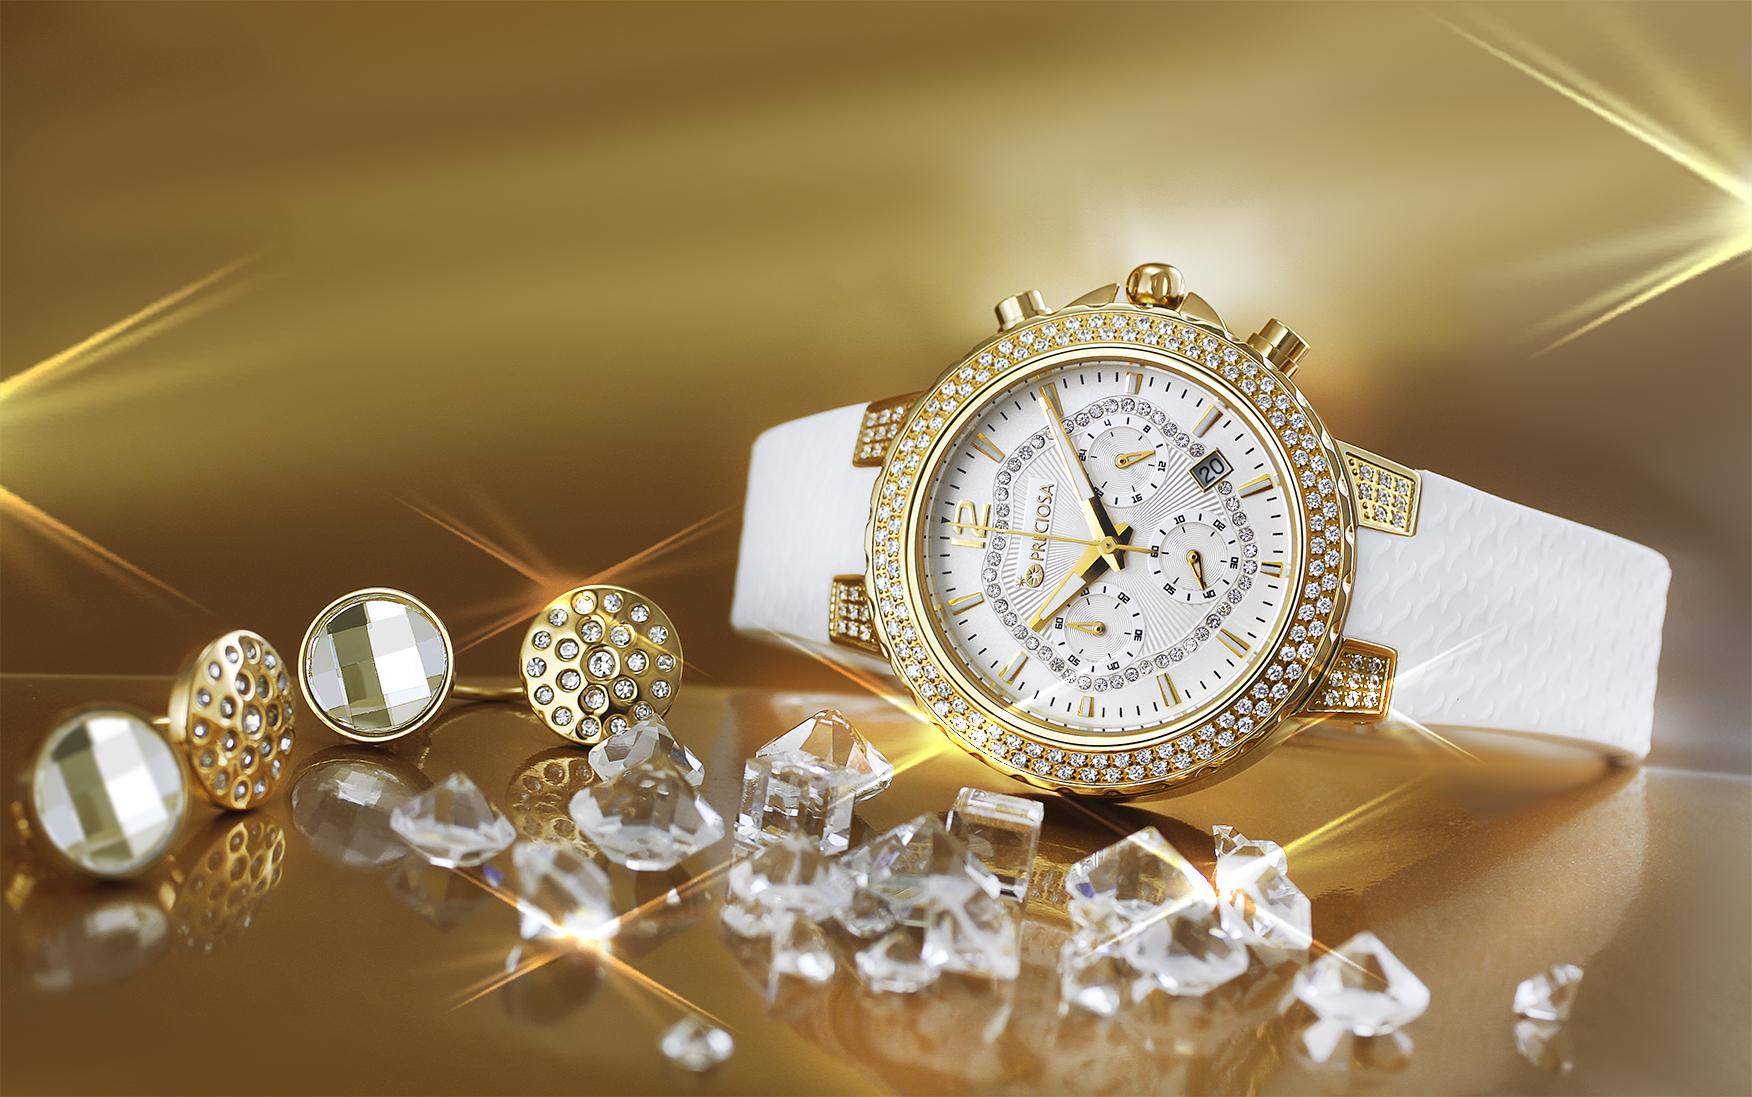 Váš vzhled dokonale oživí luxusní hodinky s křišťálem